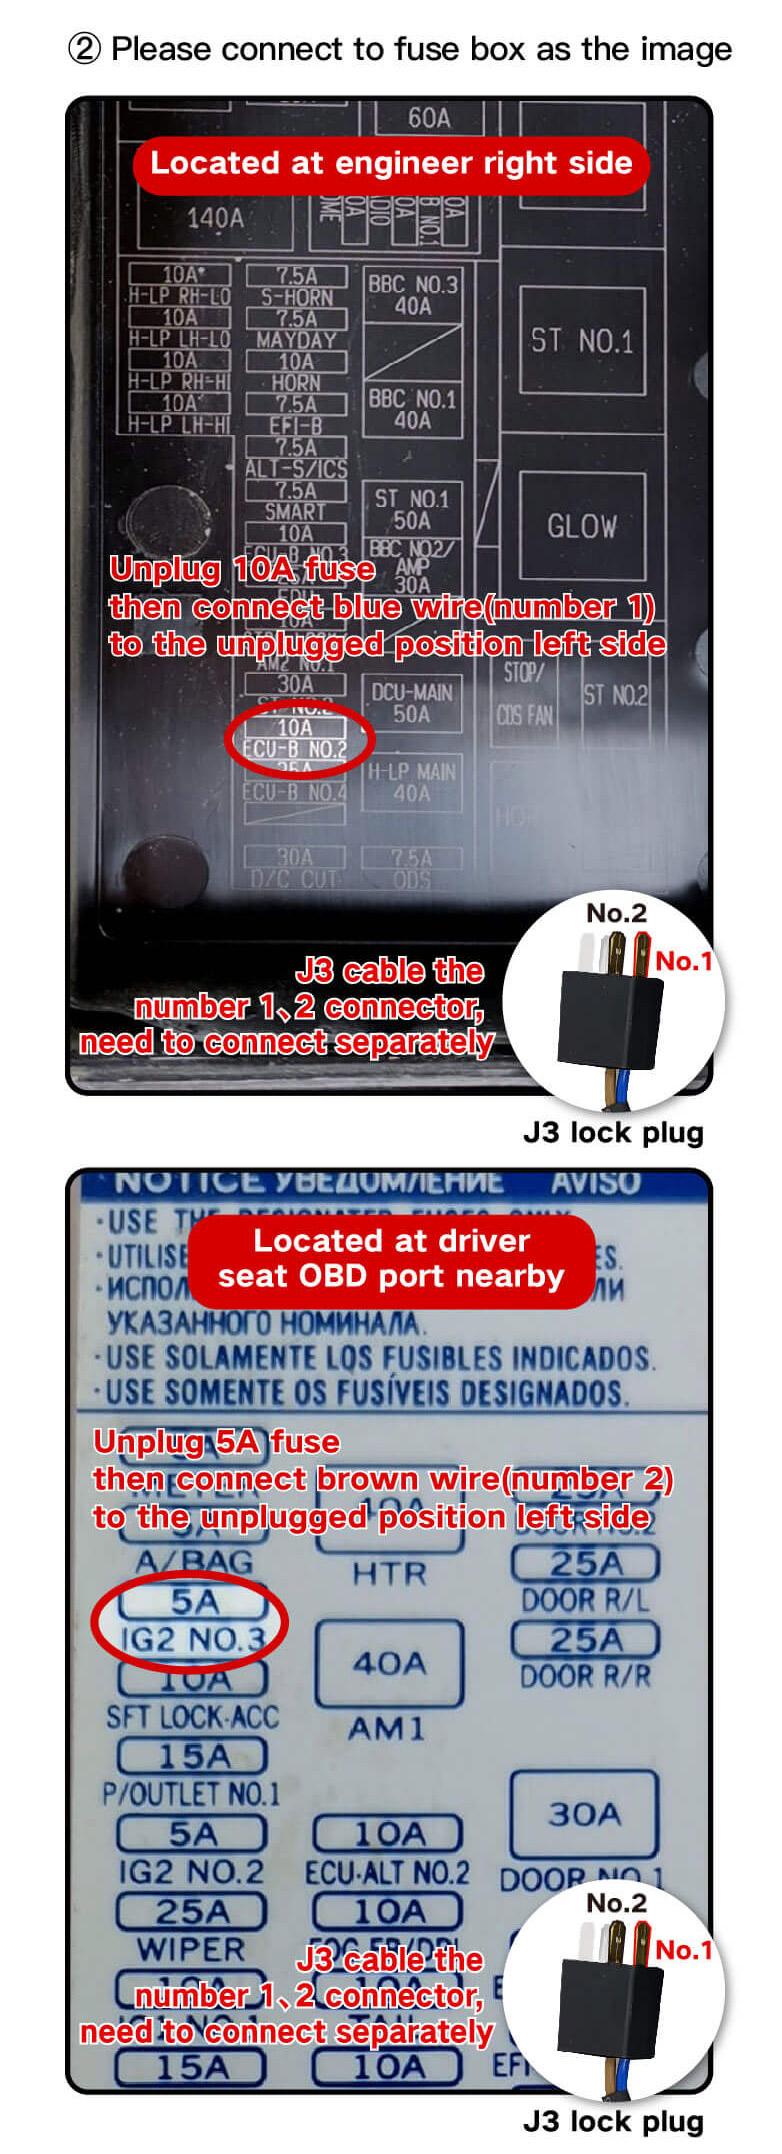 vvdi-program-toyota-camry-8a-all-keys-lost-16